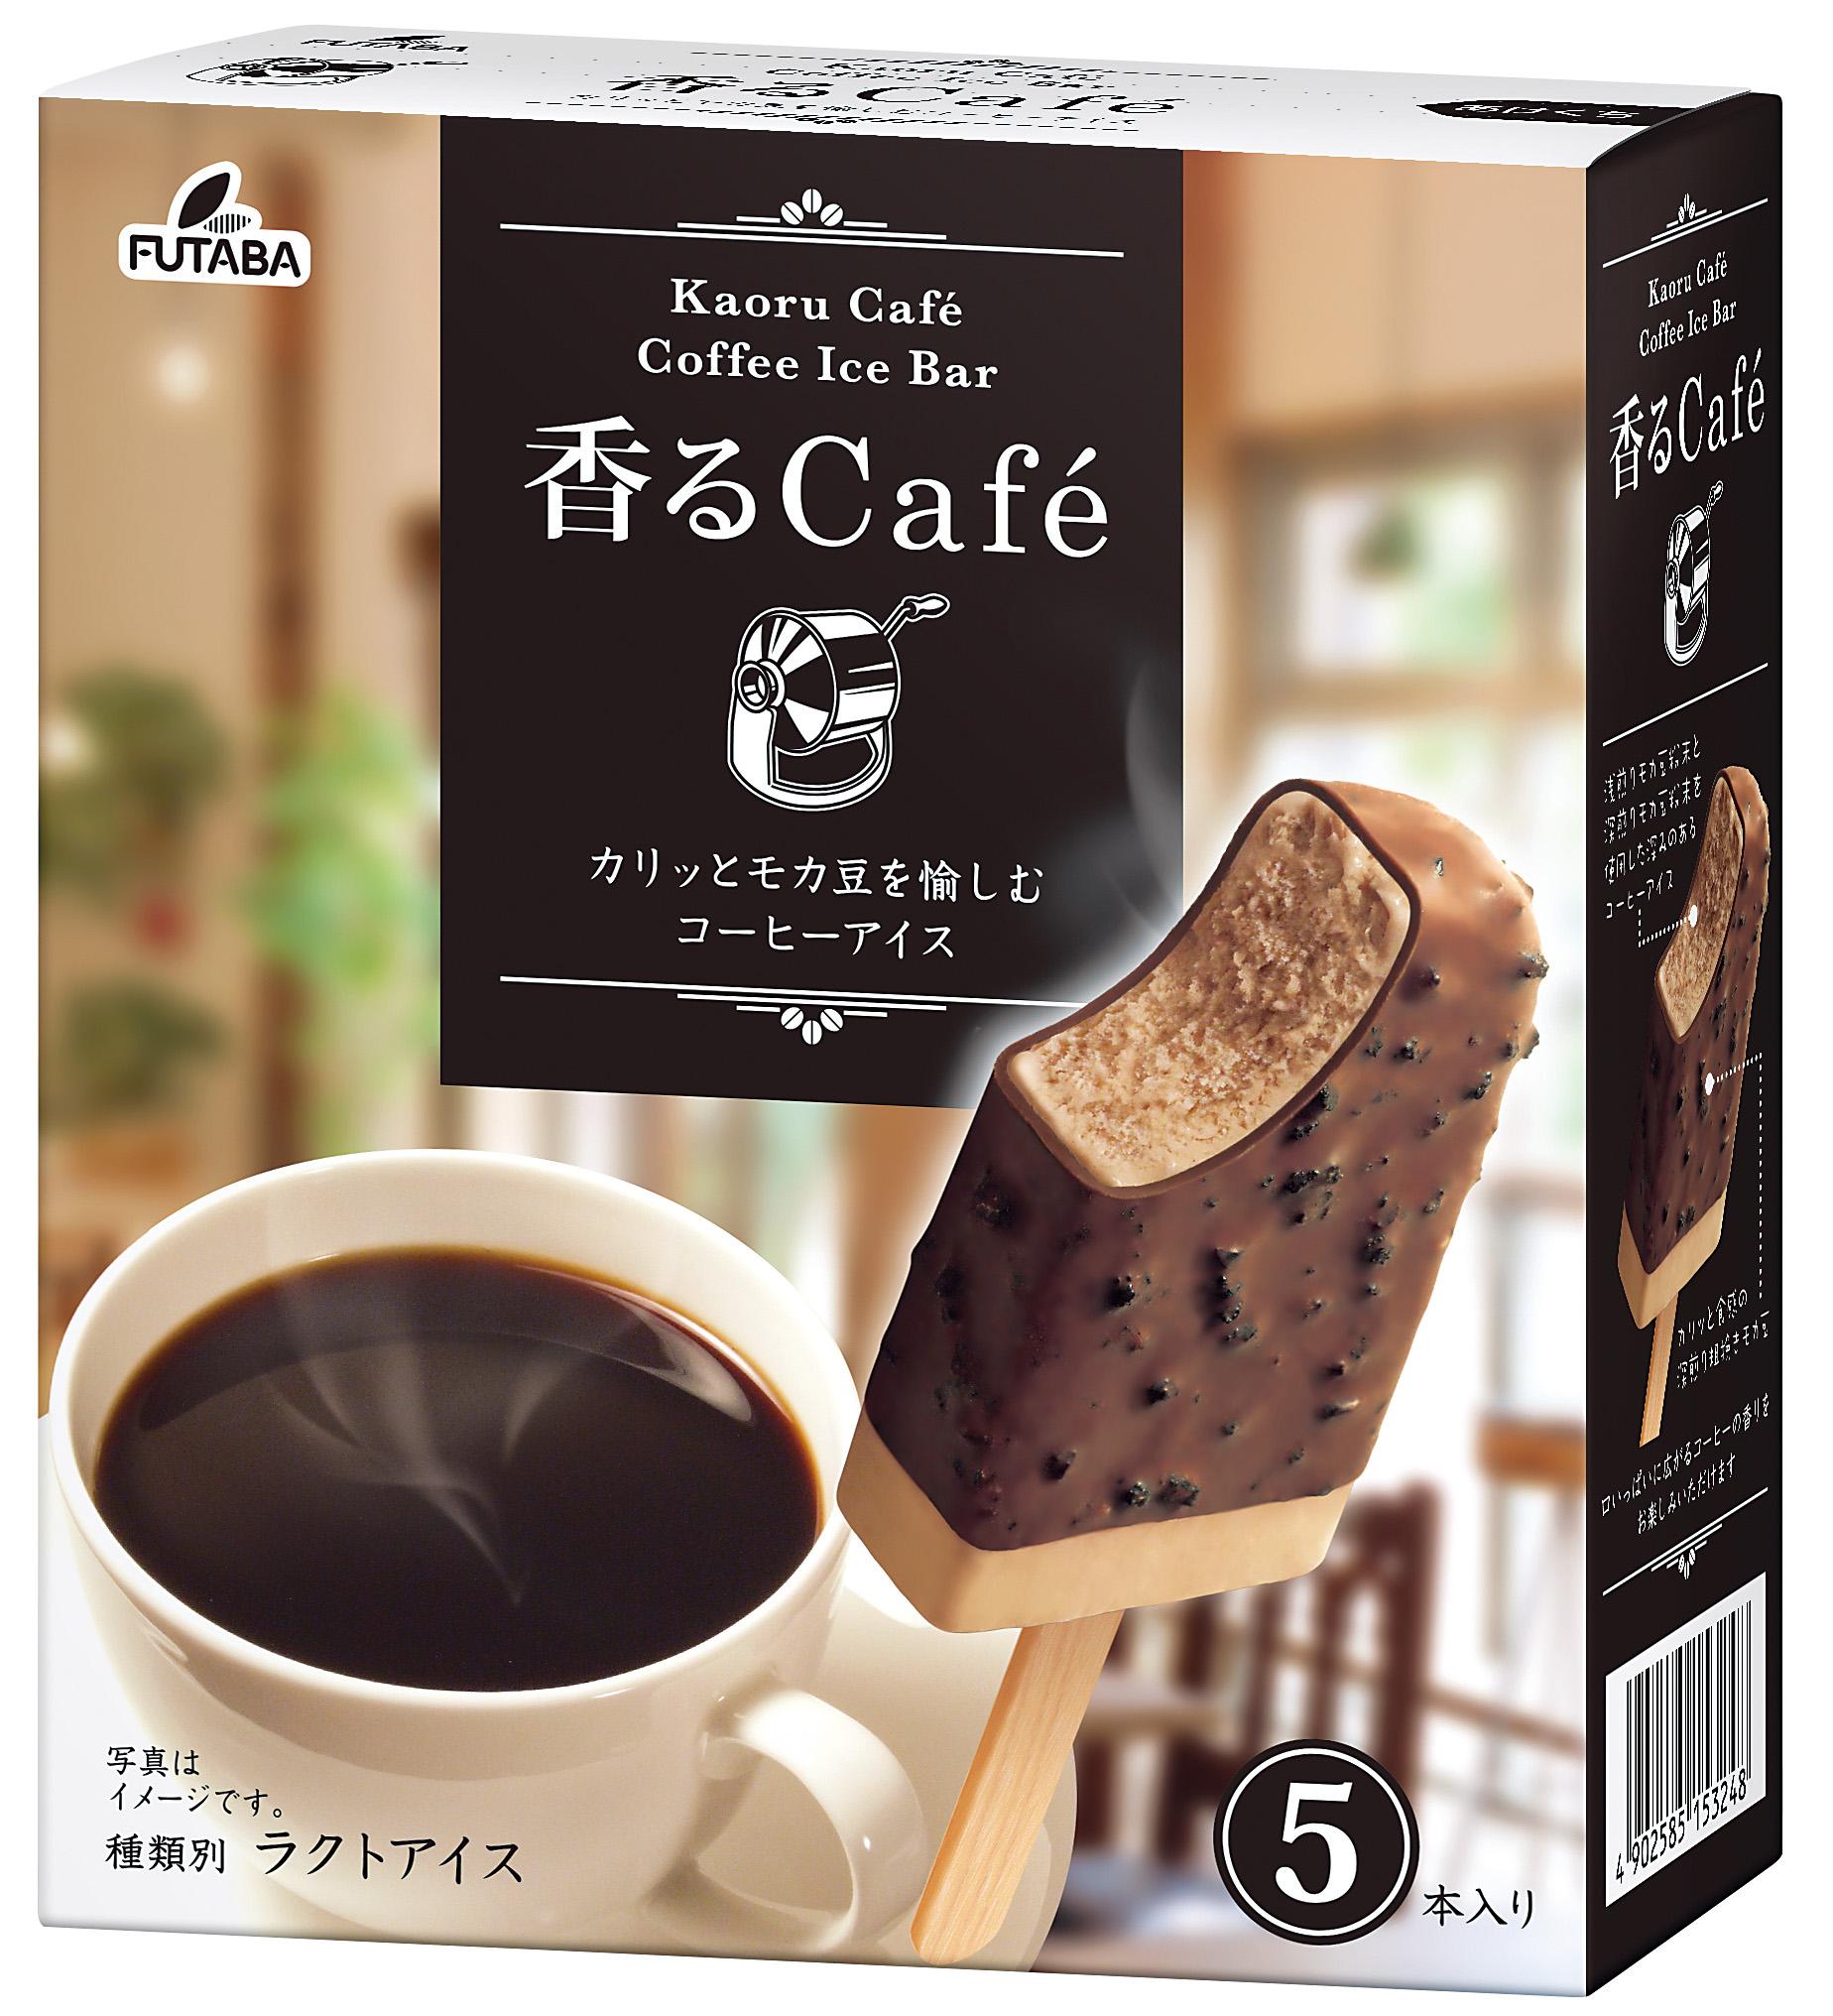 新商品「香るcafé」が発売されました!